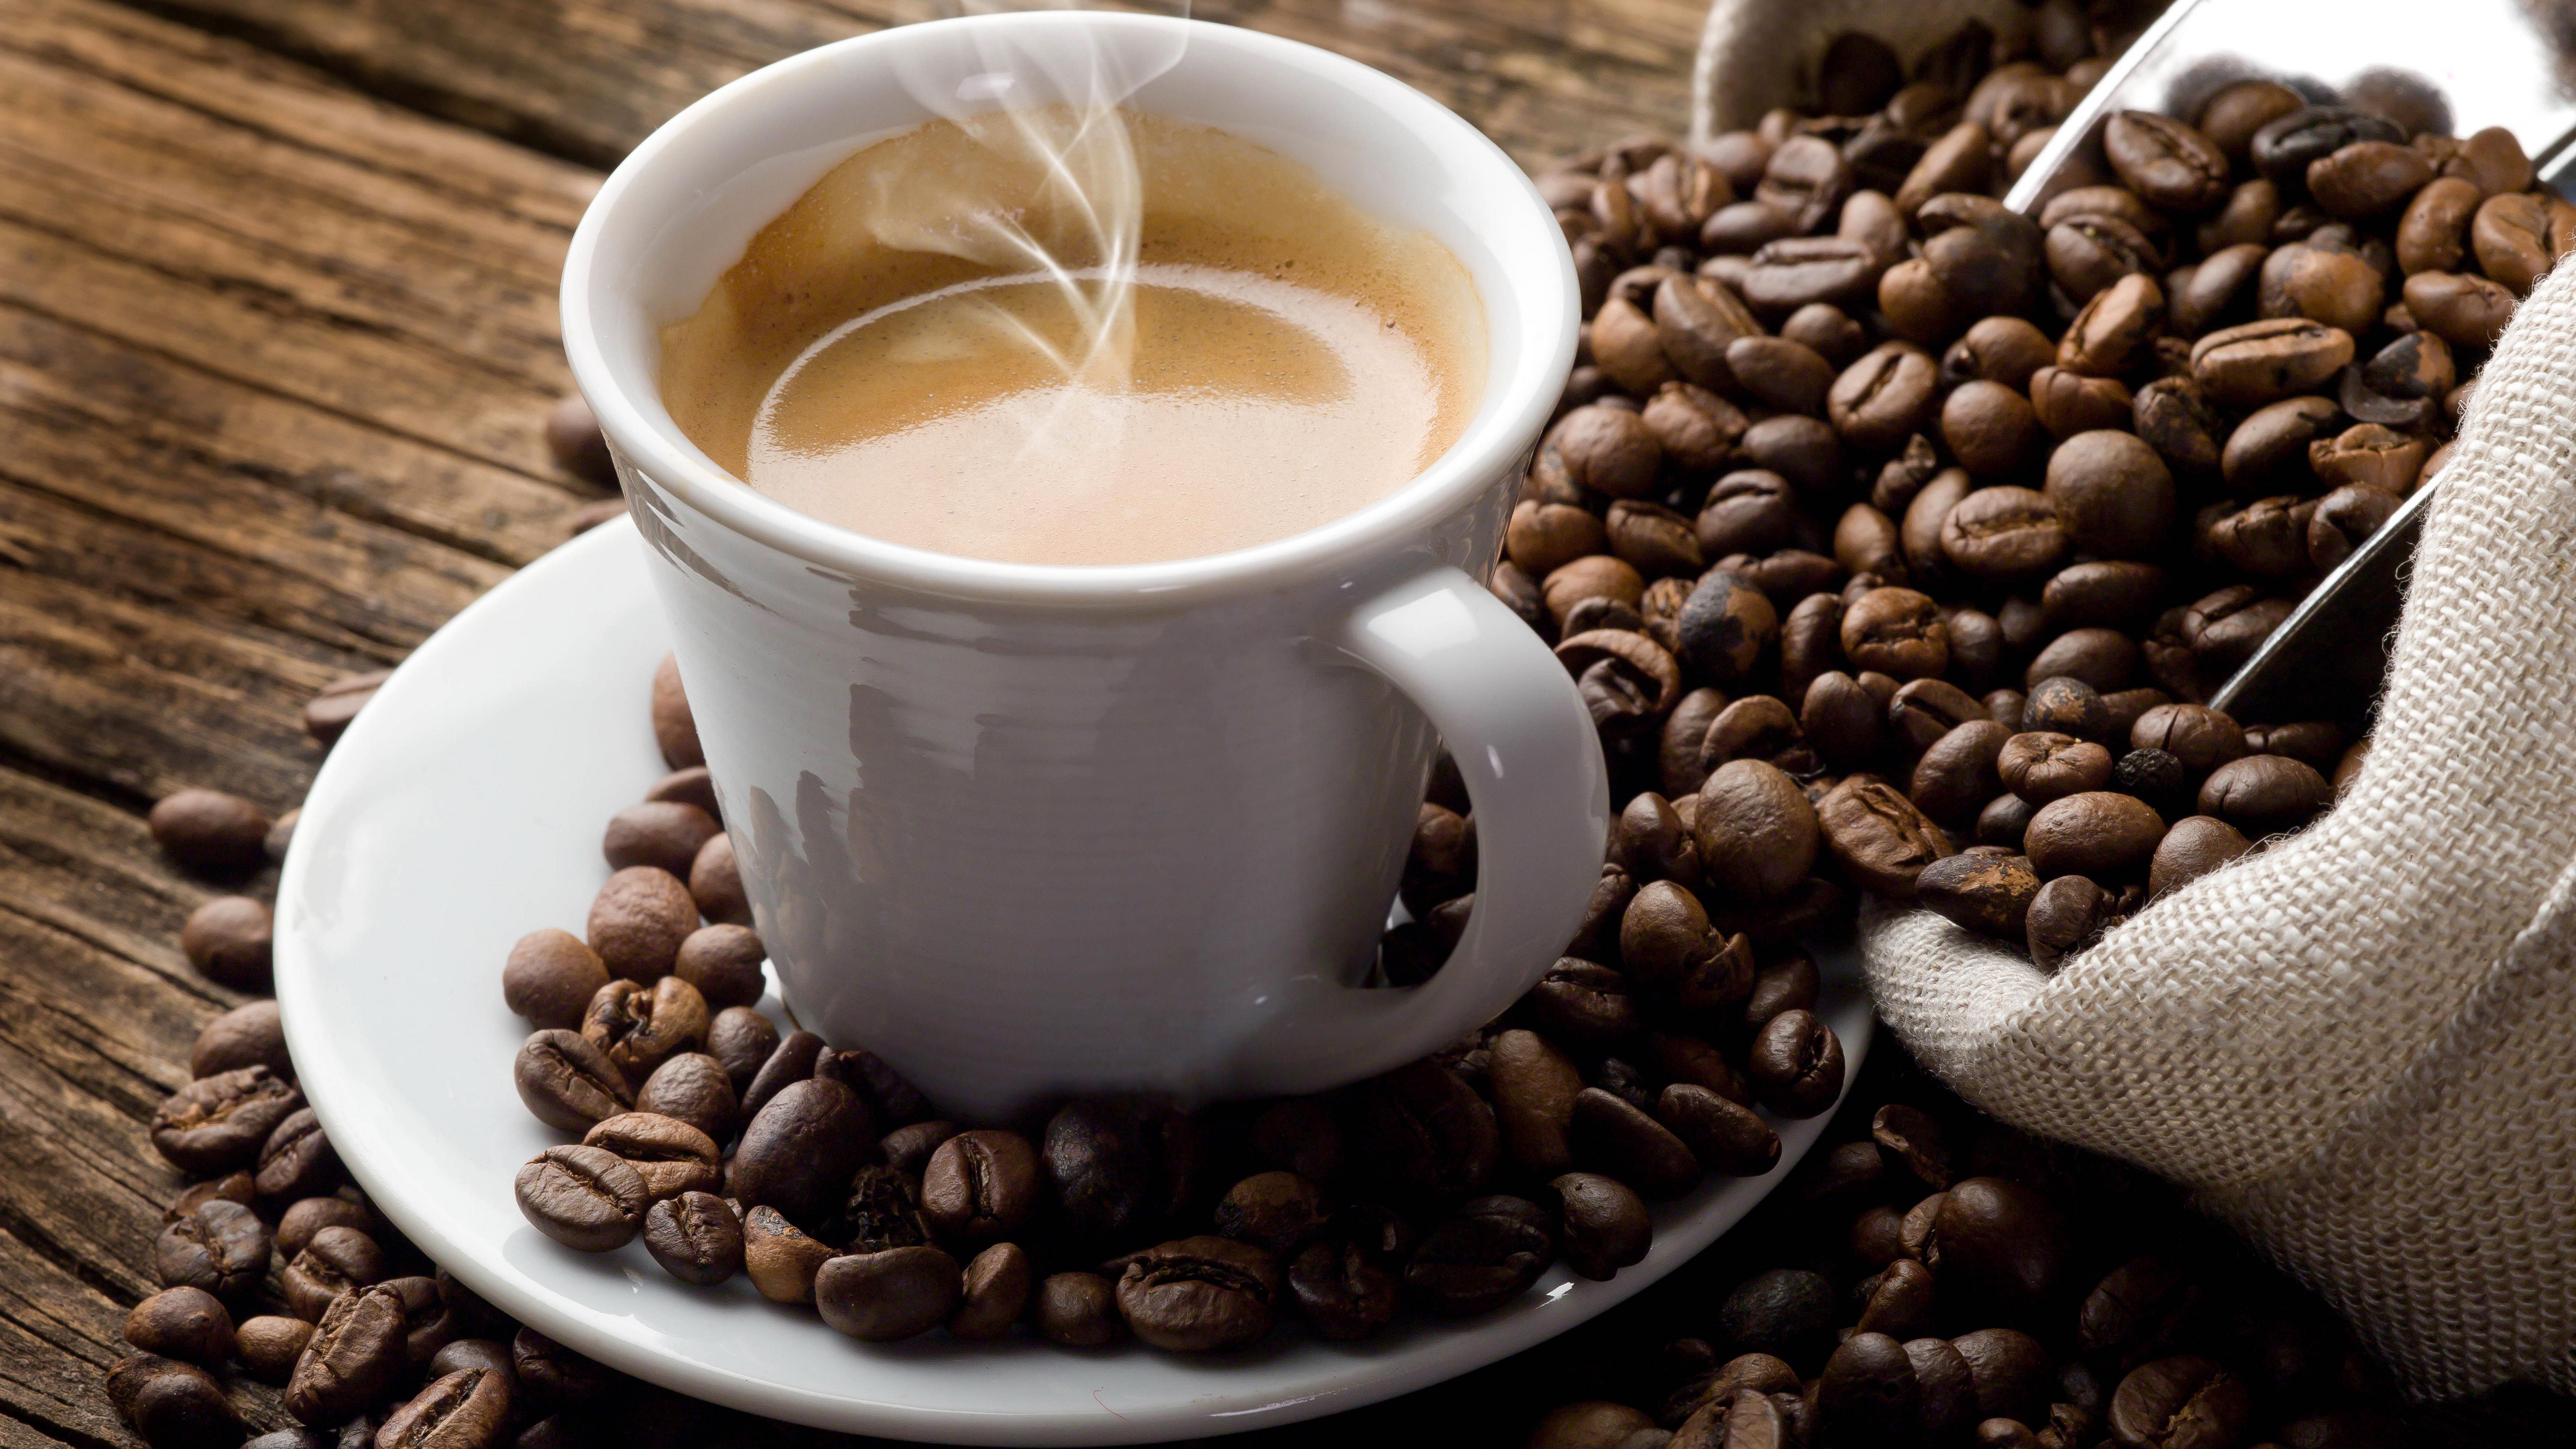 Кофе на рабочем столе фото